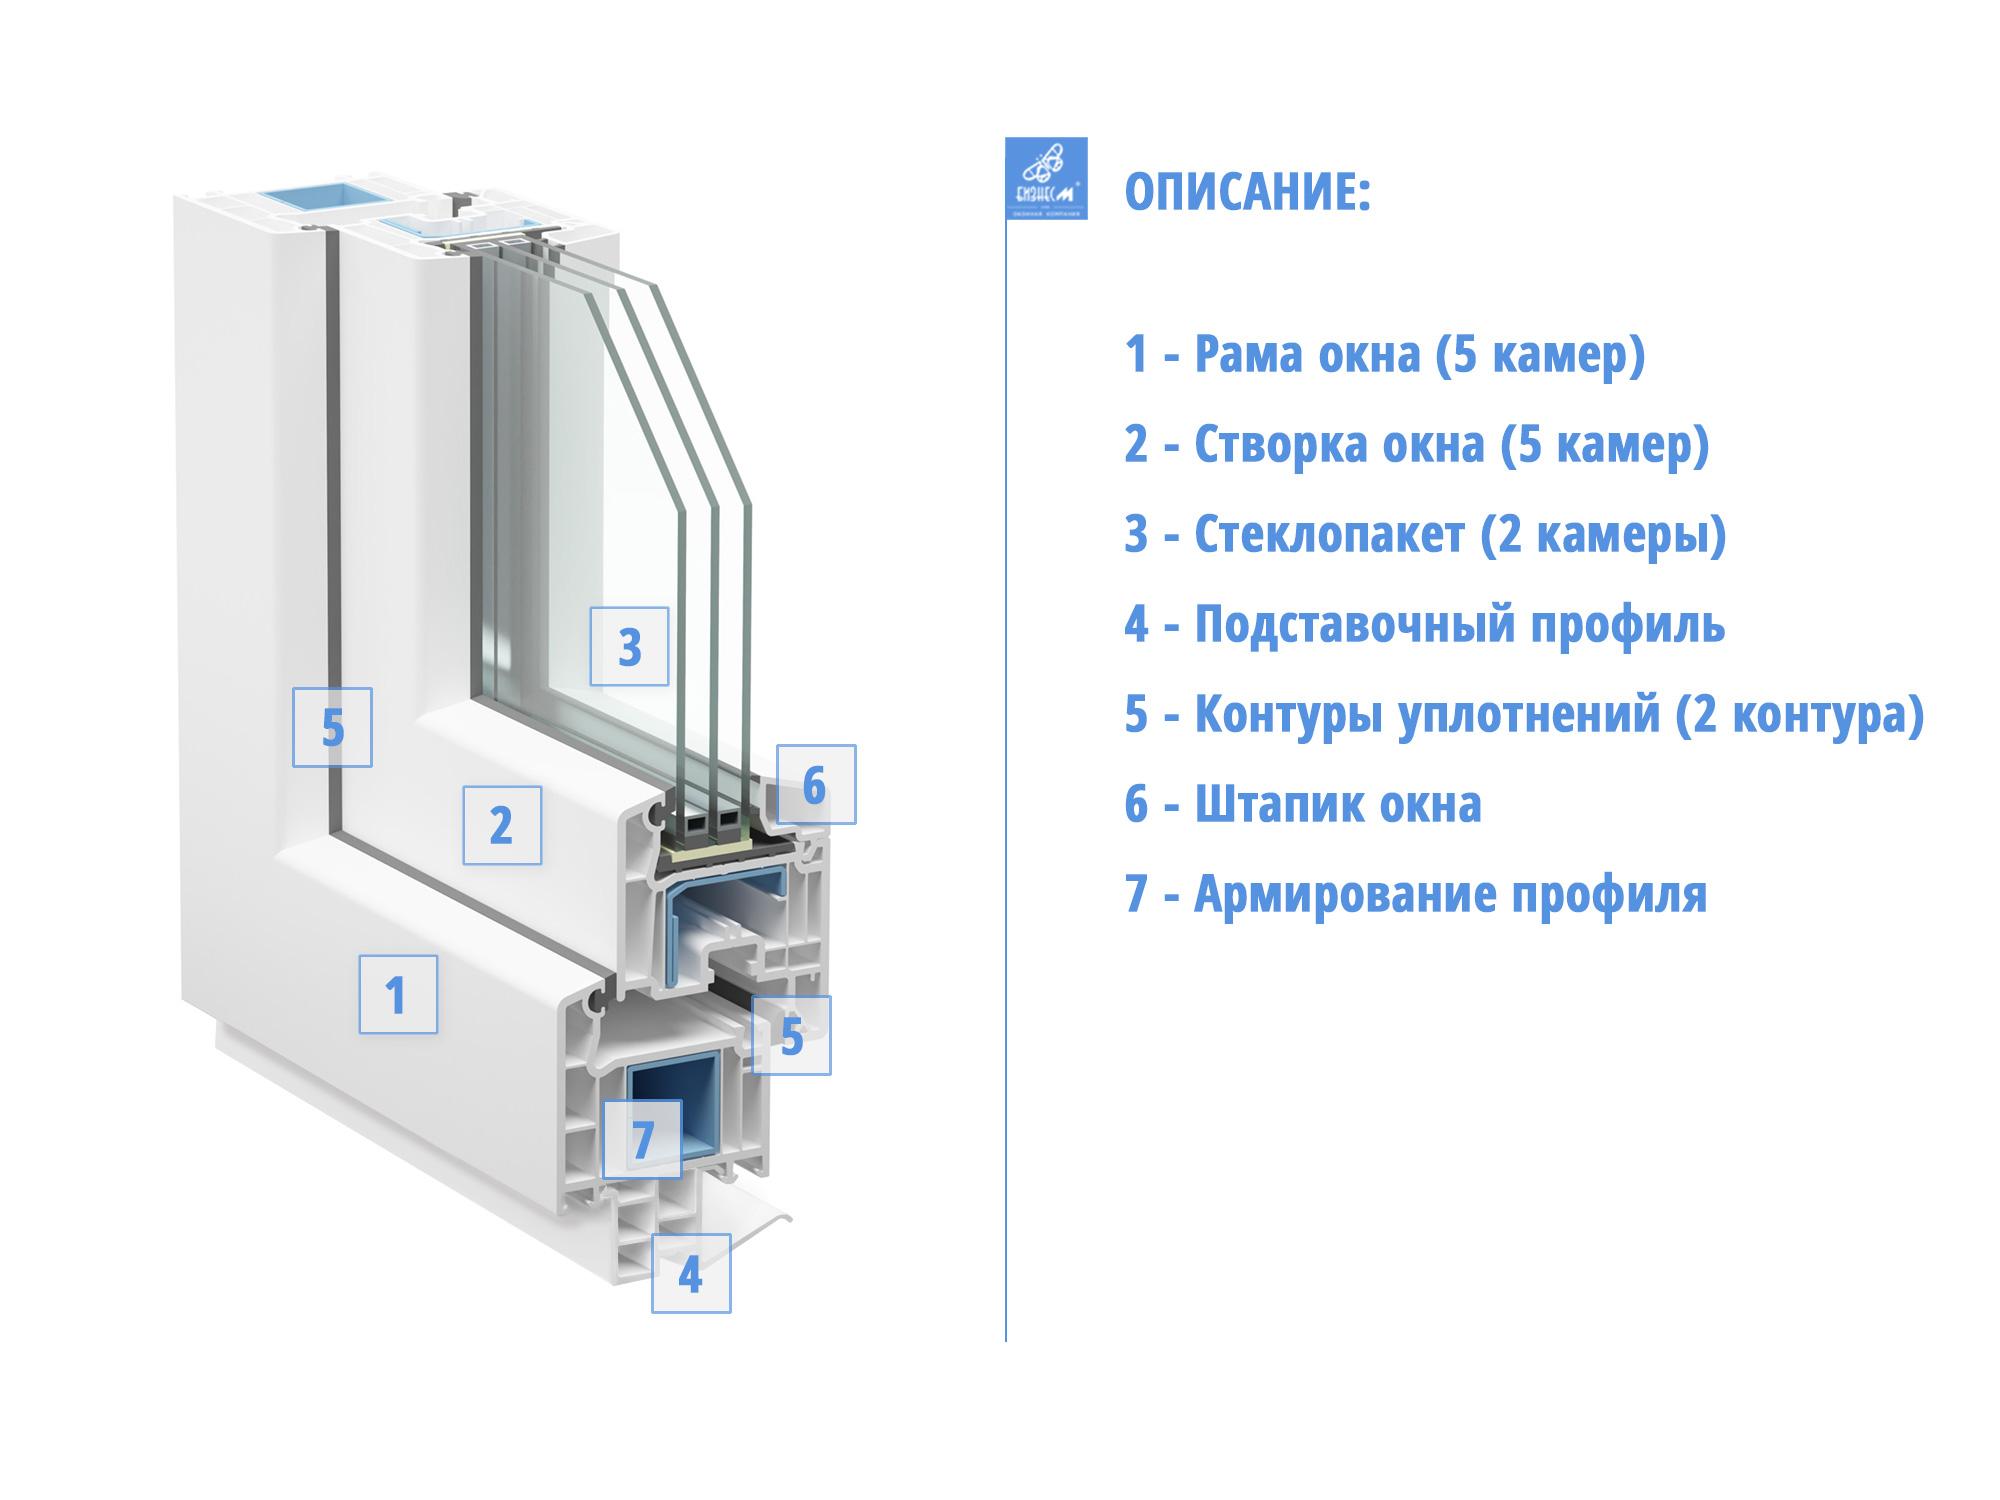 схема установки подоконника с подставочным профилем